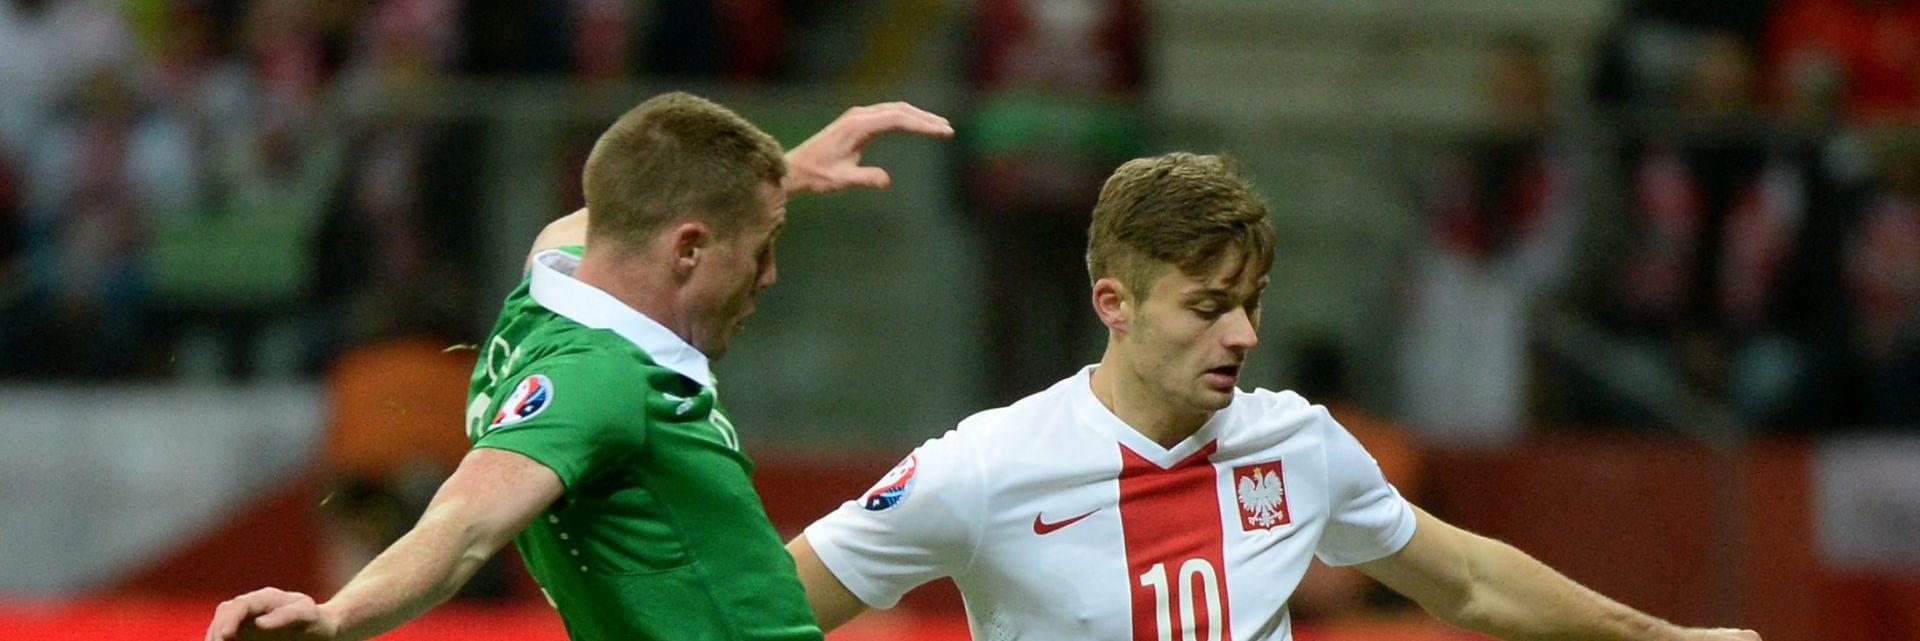 EURO 2016 – 15 reprezentacija osiguralo nastup, rasplet u utorak